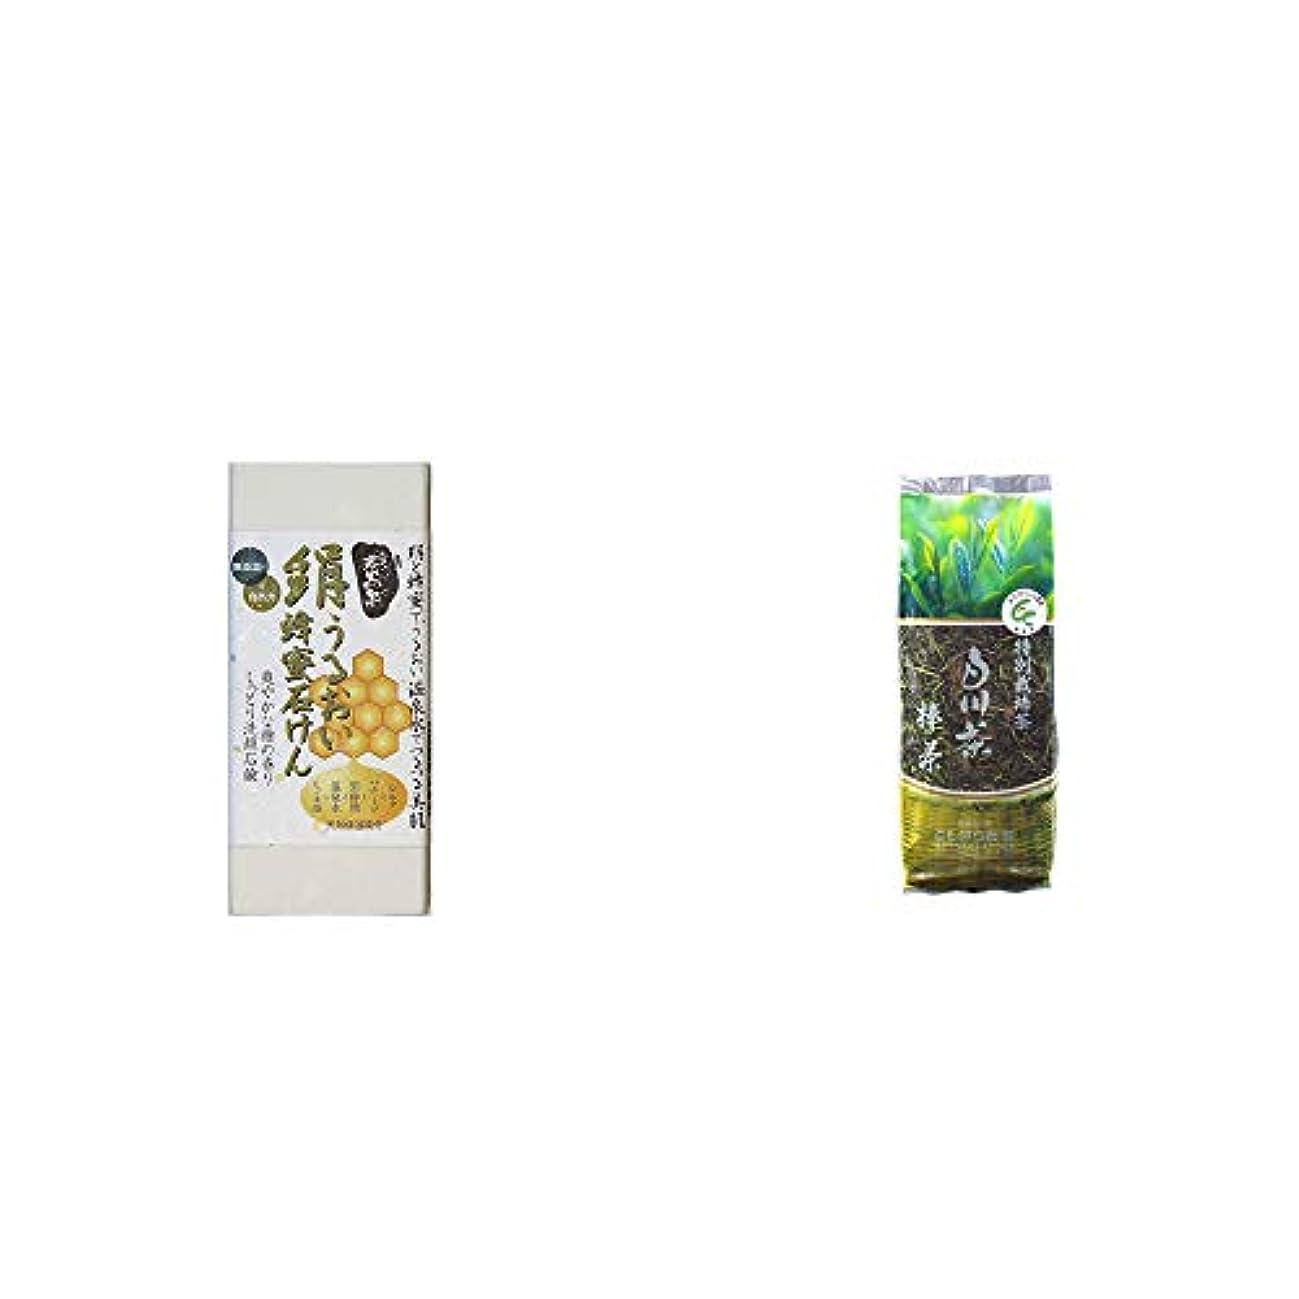 泥沼ナンセンス最大限[2点セット] ひのき炭黒泉 絹うるおい蜂蜜石けん(75g×2)?白川茶 特別栽培茶【棒茶】(150g)